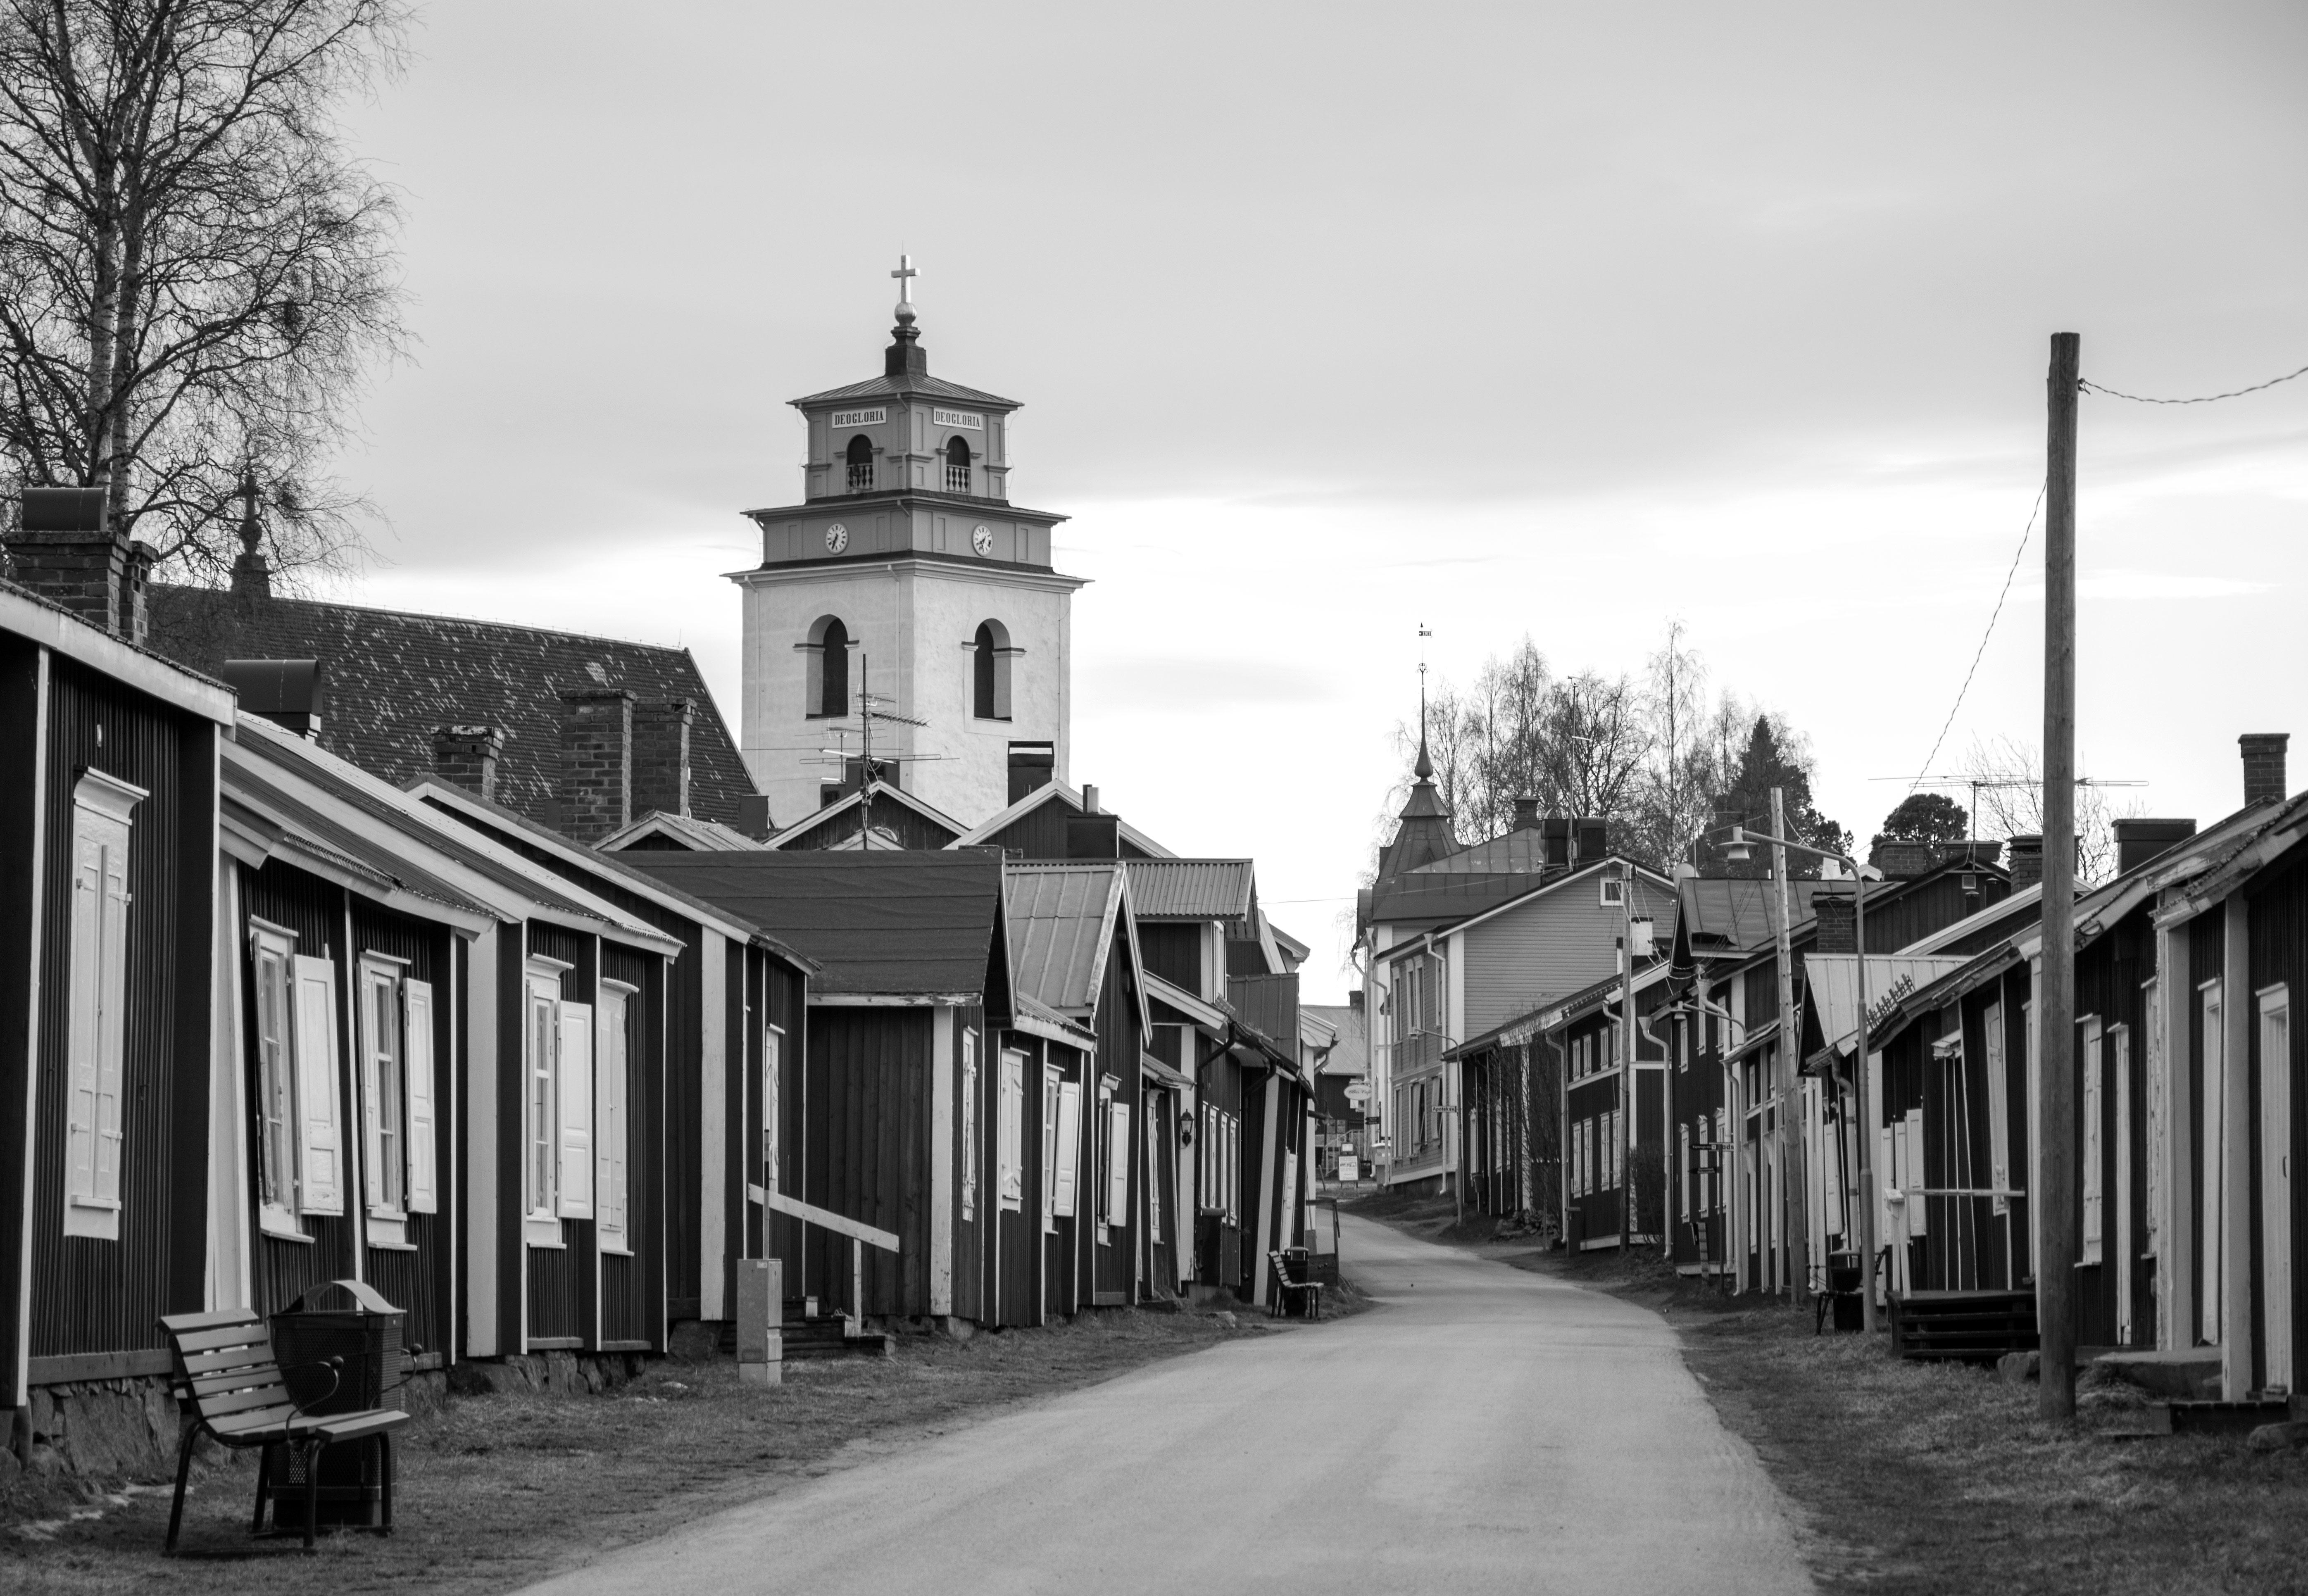 Gammelstad Churchtown